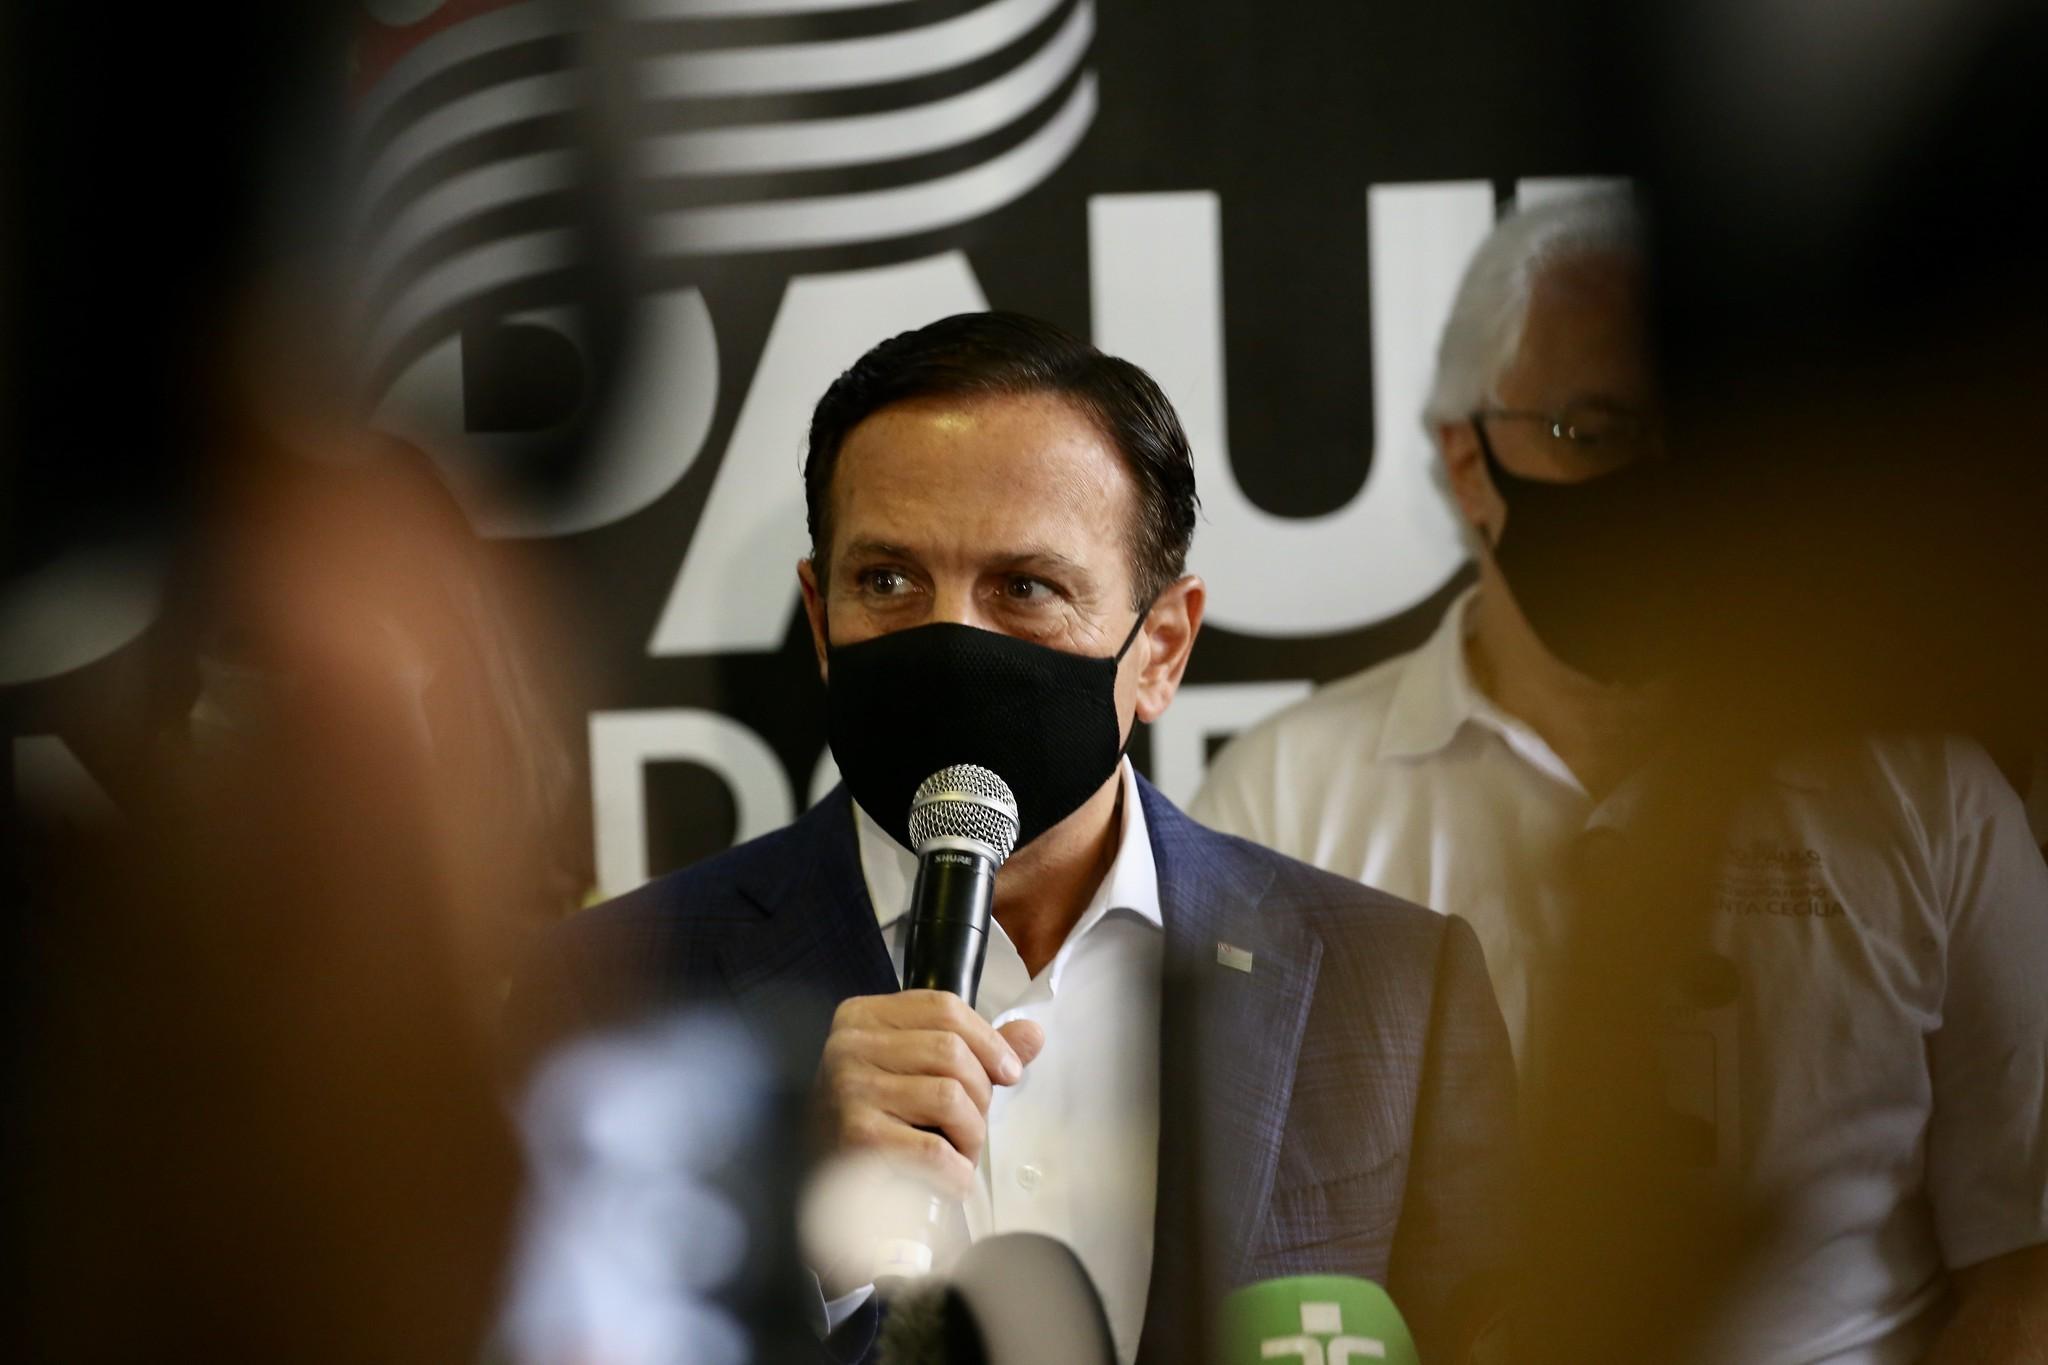 Pandemia em SP está 'sob relativo controle' e quarentena retomará regionalização, diz Doria